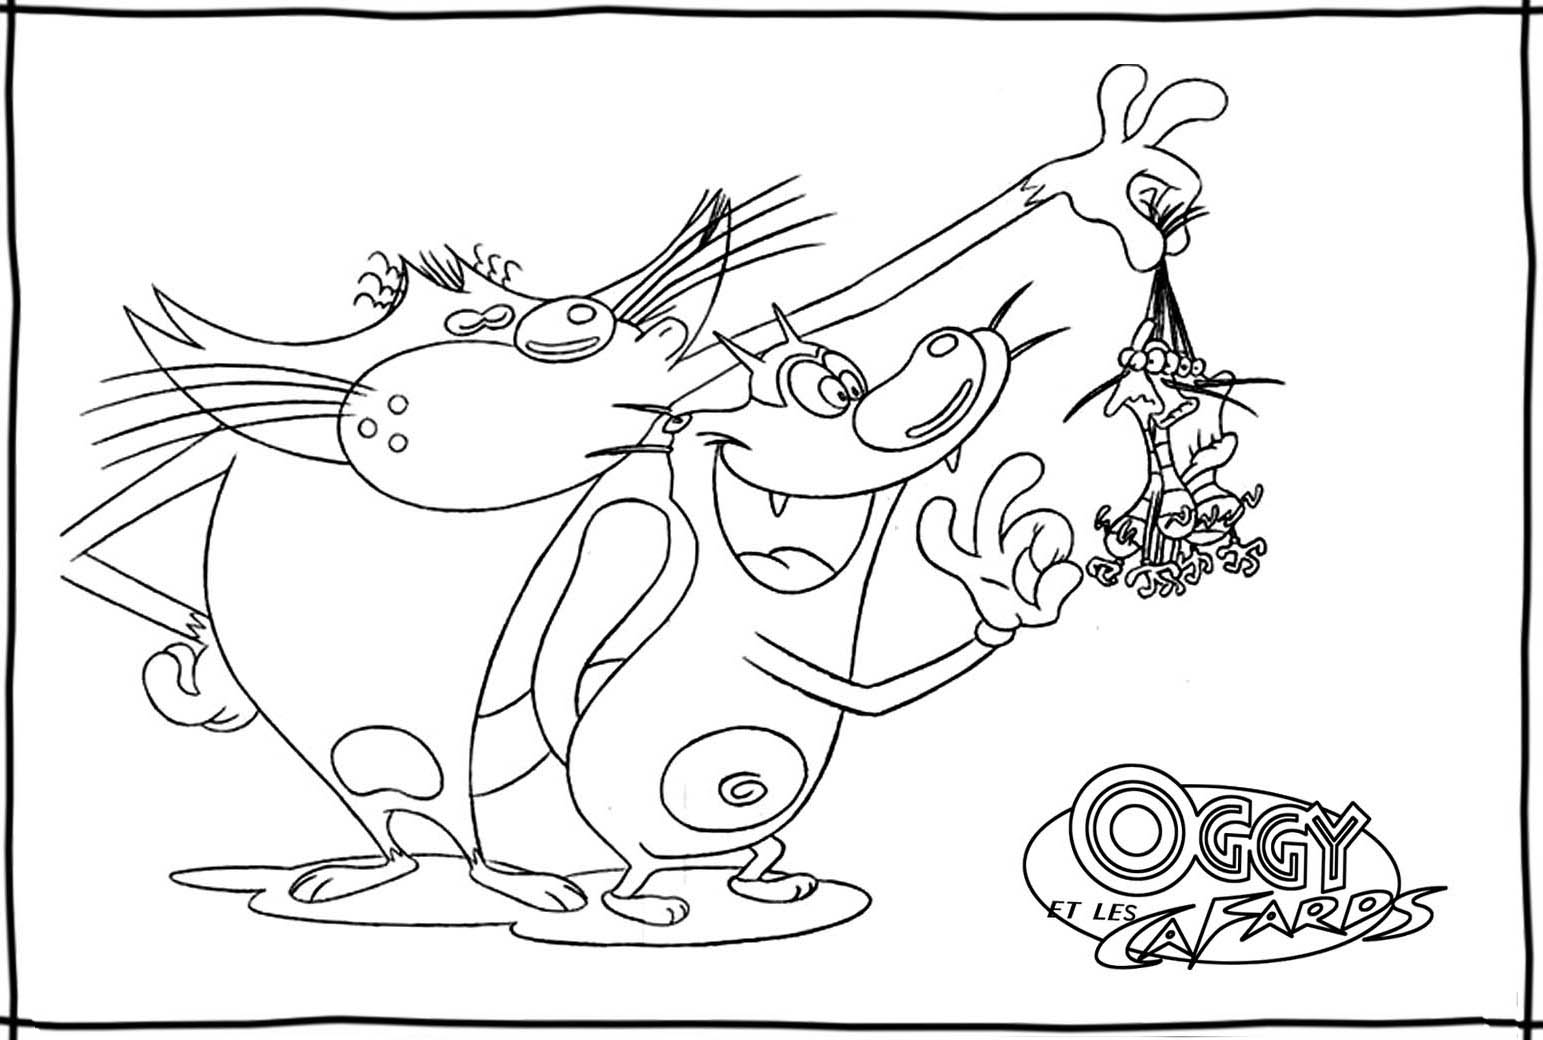 coloriage � dessiner oggy et les cafards gratuit